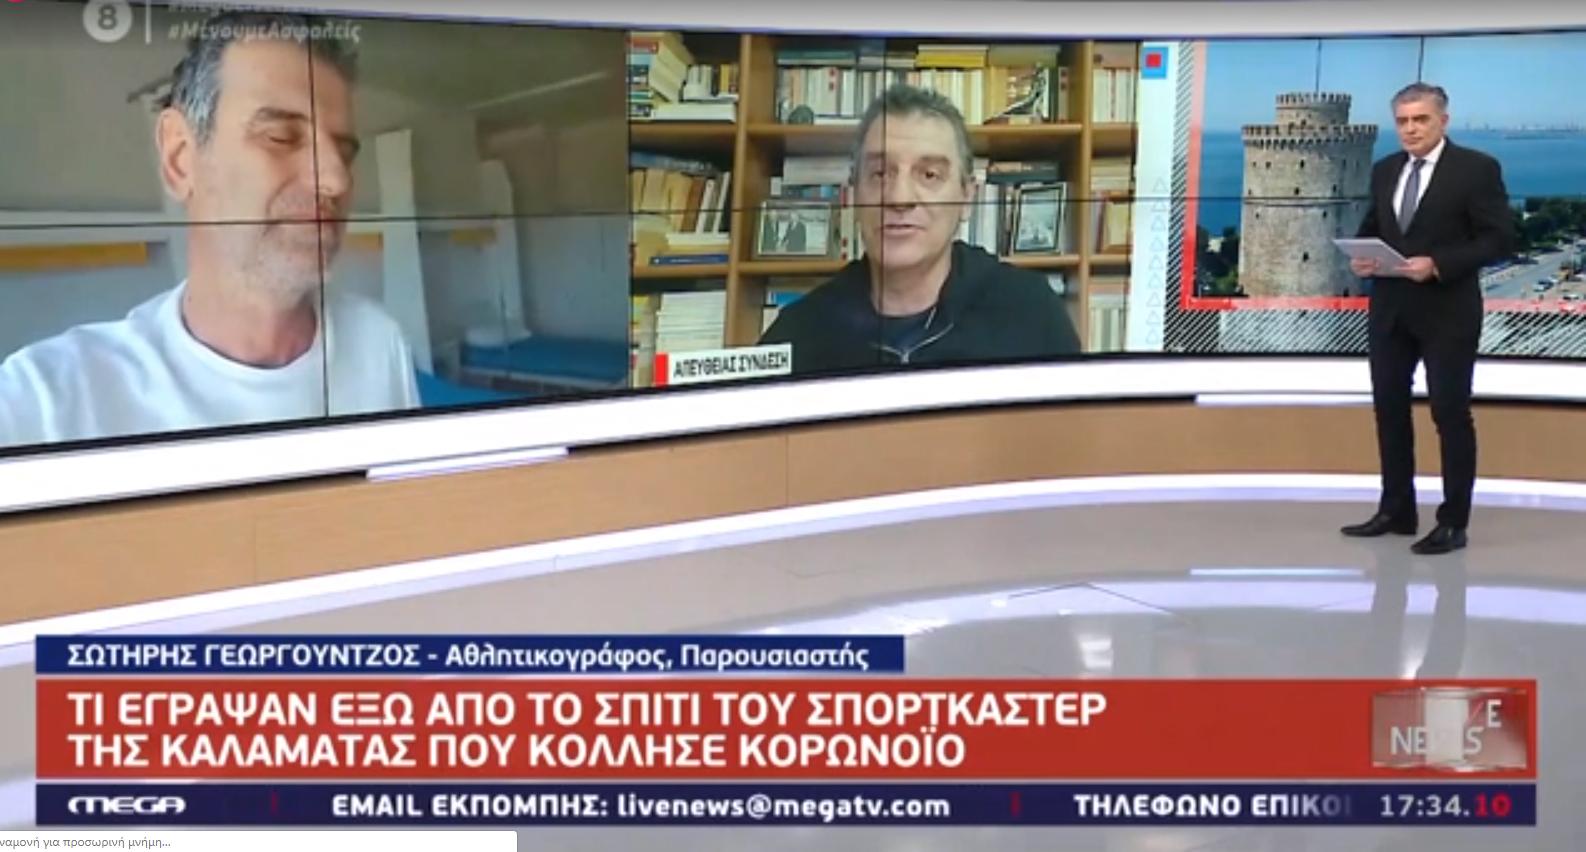 """Σωτήρης Γεωργούντζος: """"Κοινωνικός ρατσισμός σε όσους νοσούν"""" (+video)"""